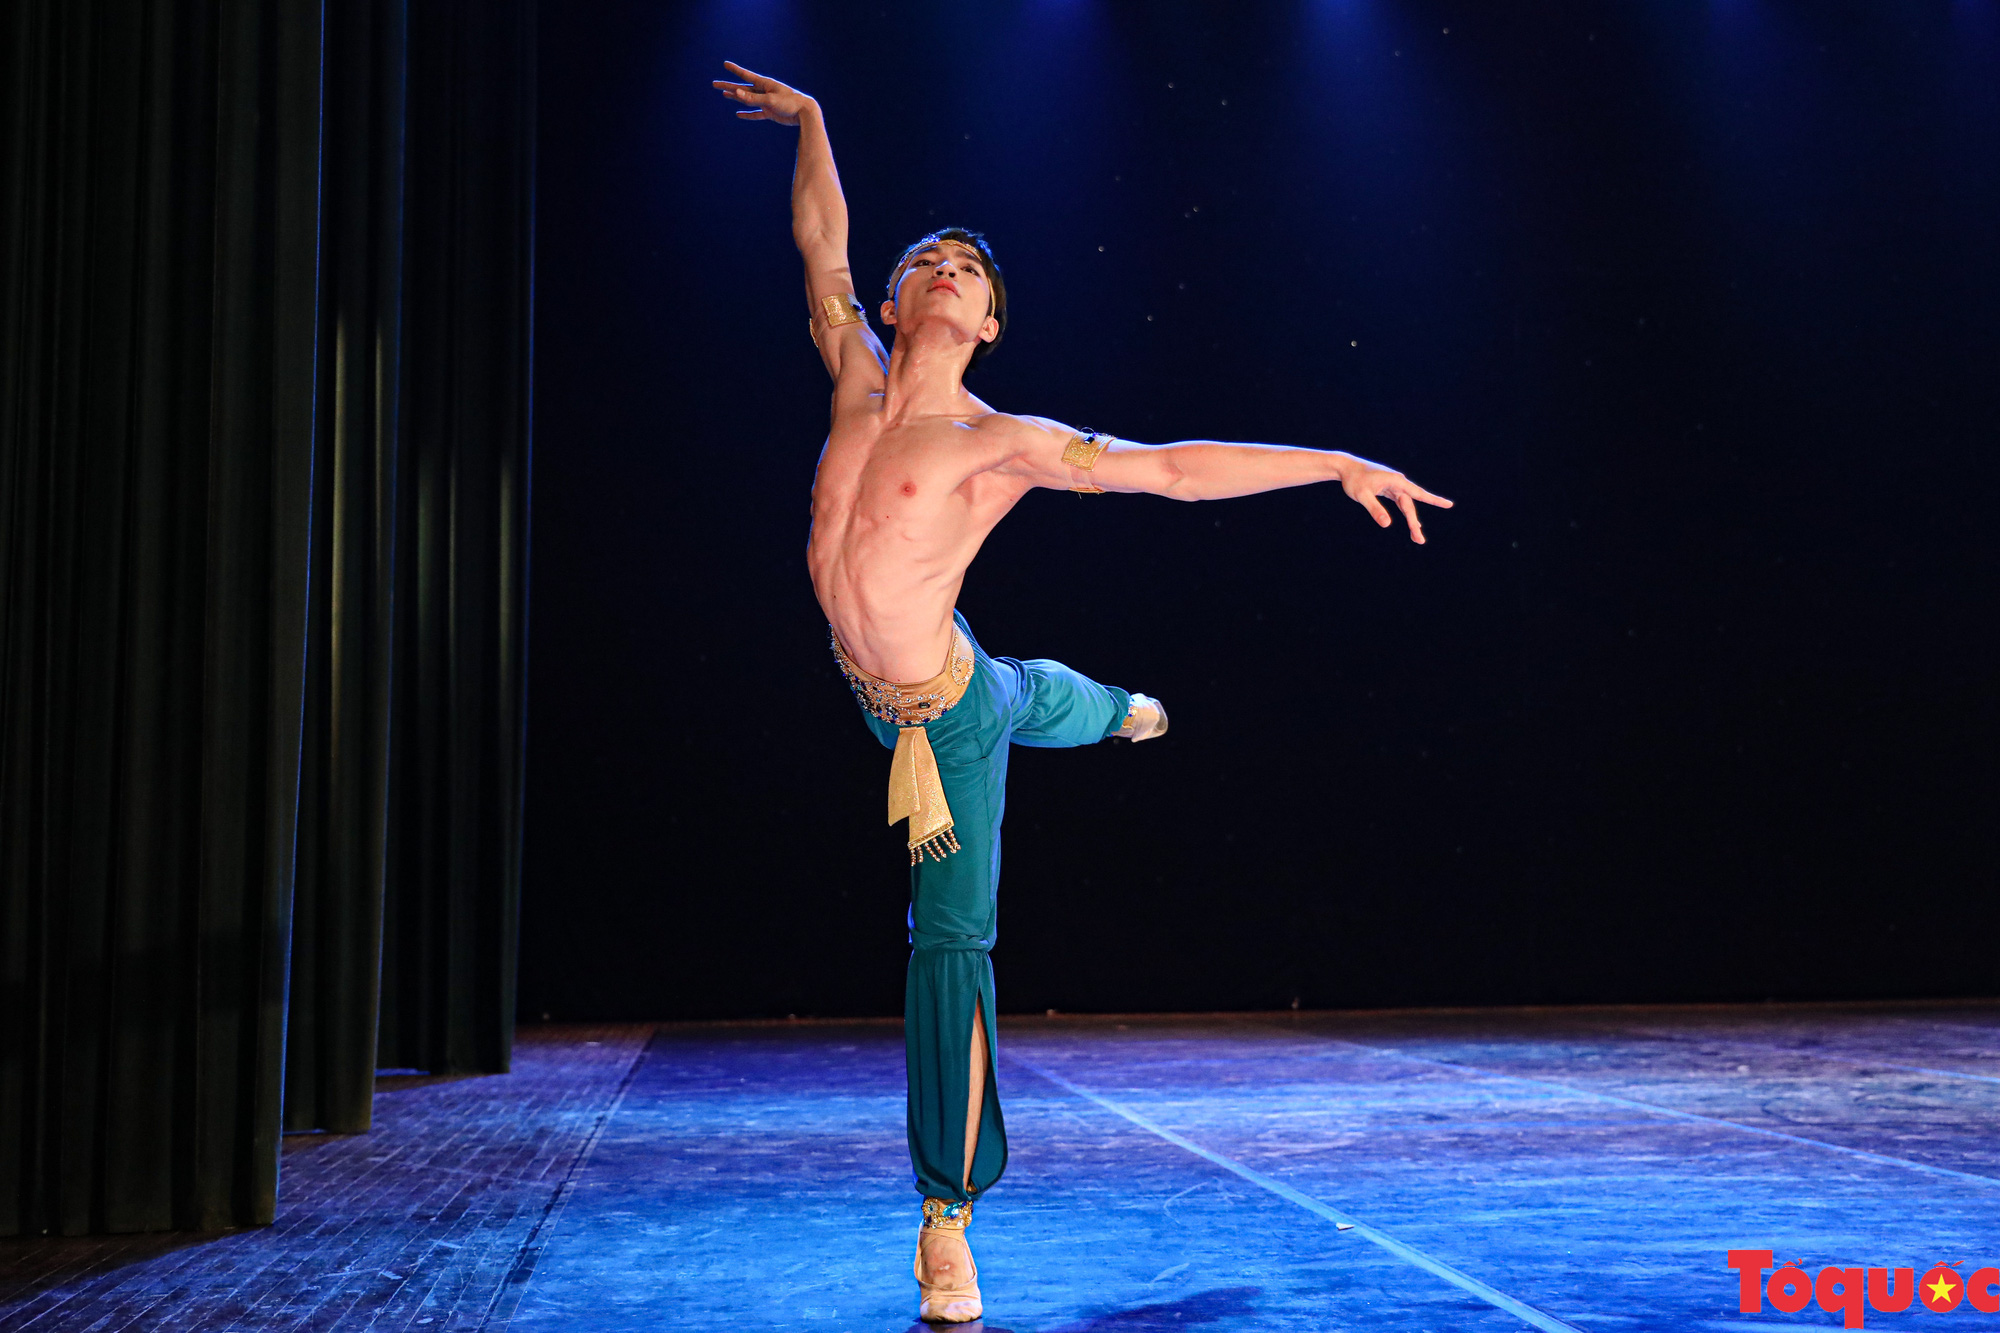 Nhiều bài thi ấn tượng trong đêm khai mạc cuộc thi Tài năng diễn viên múa 2020 khu vực phía Bắc - Ảnh 5.